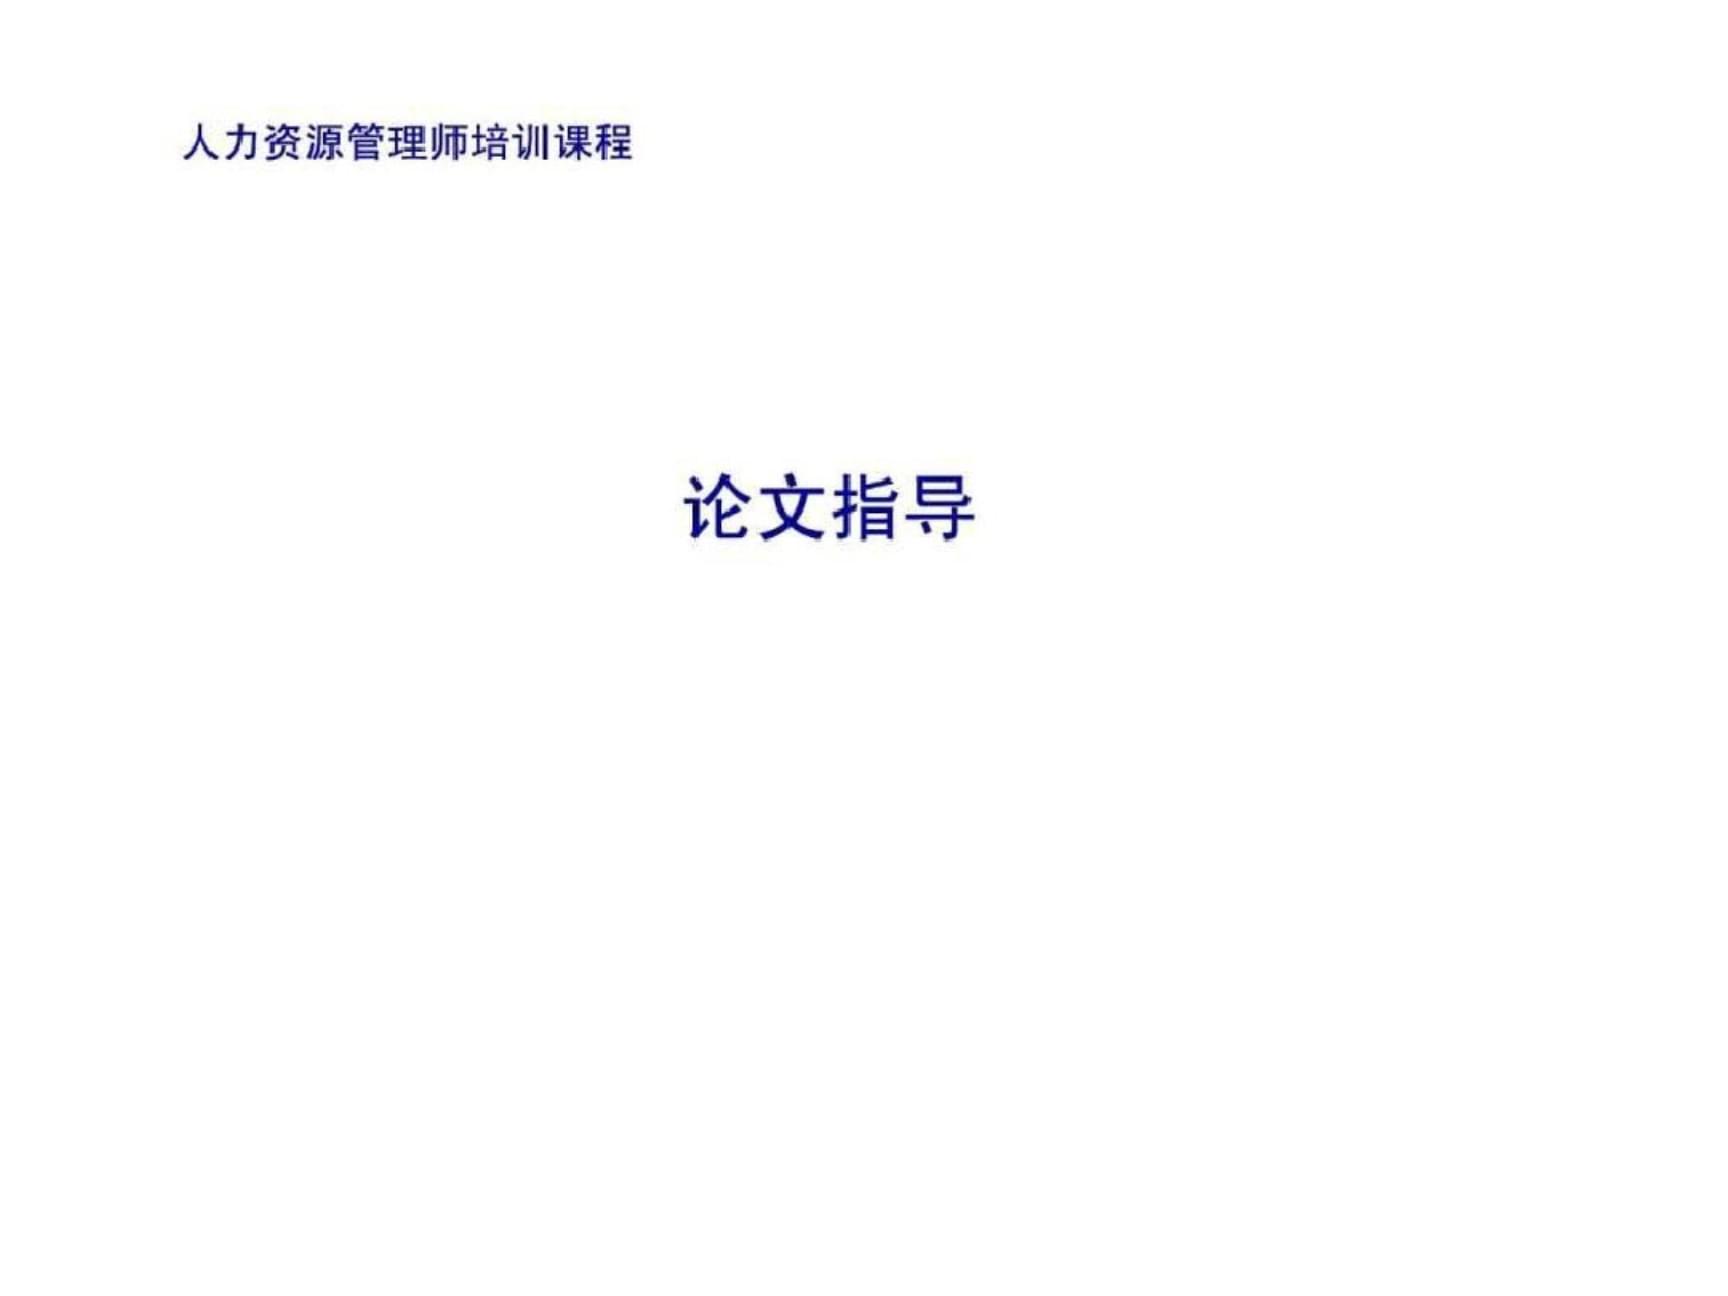 国家人力资源管理师论文写作技巧文档资料.pptx